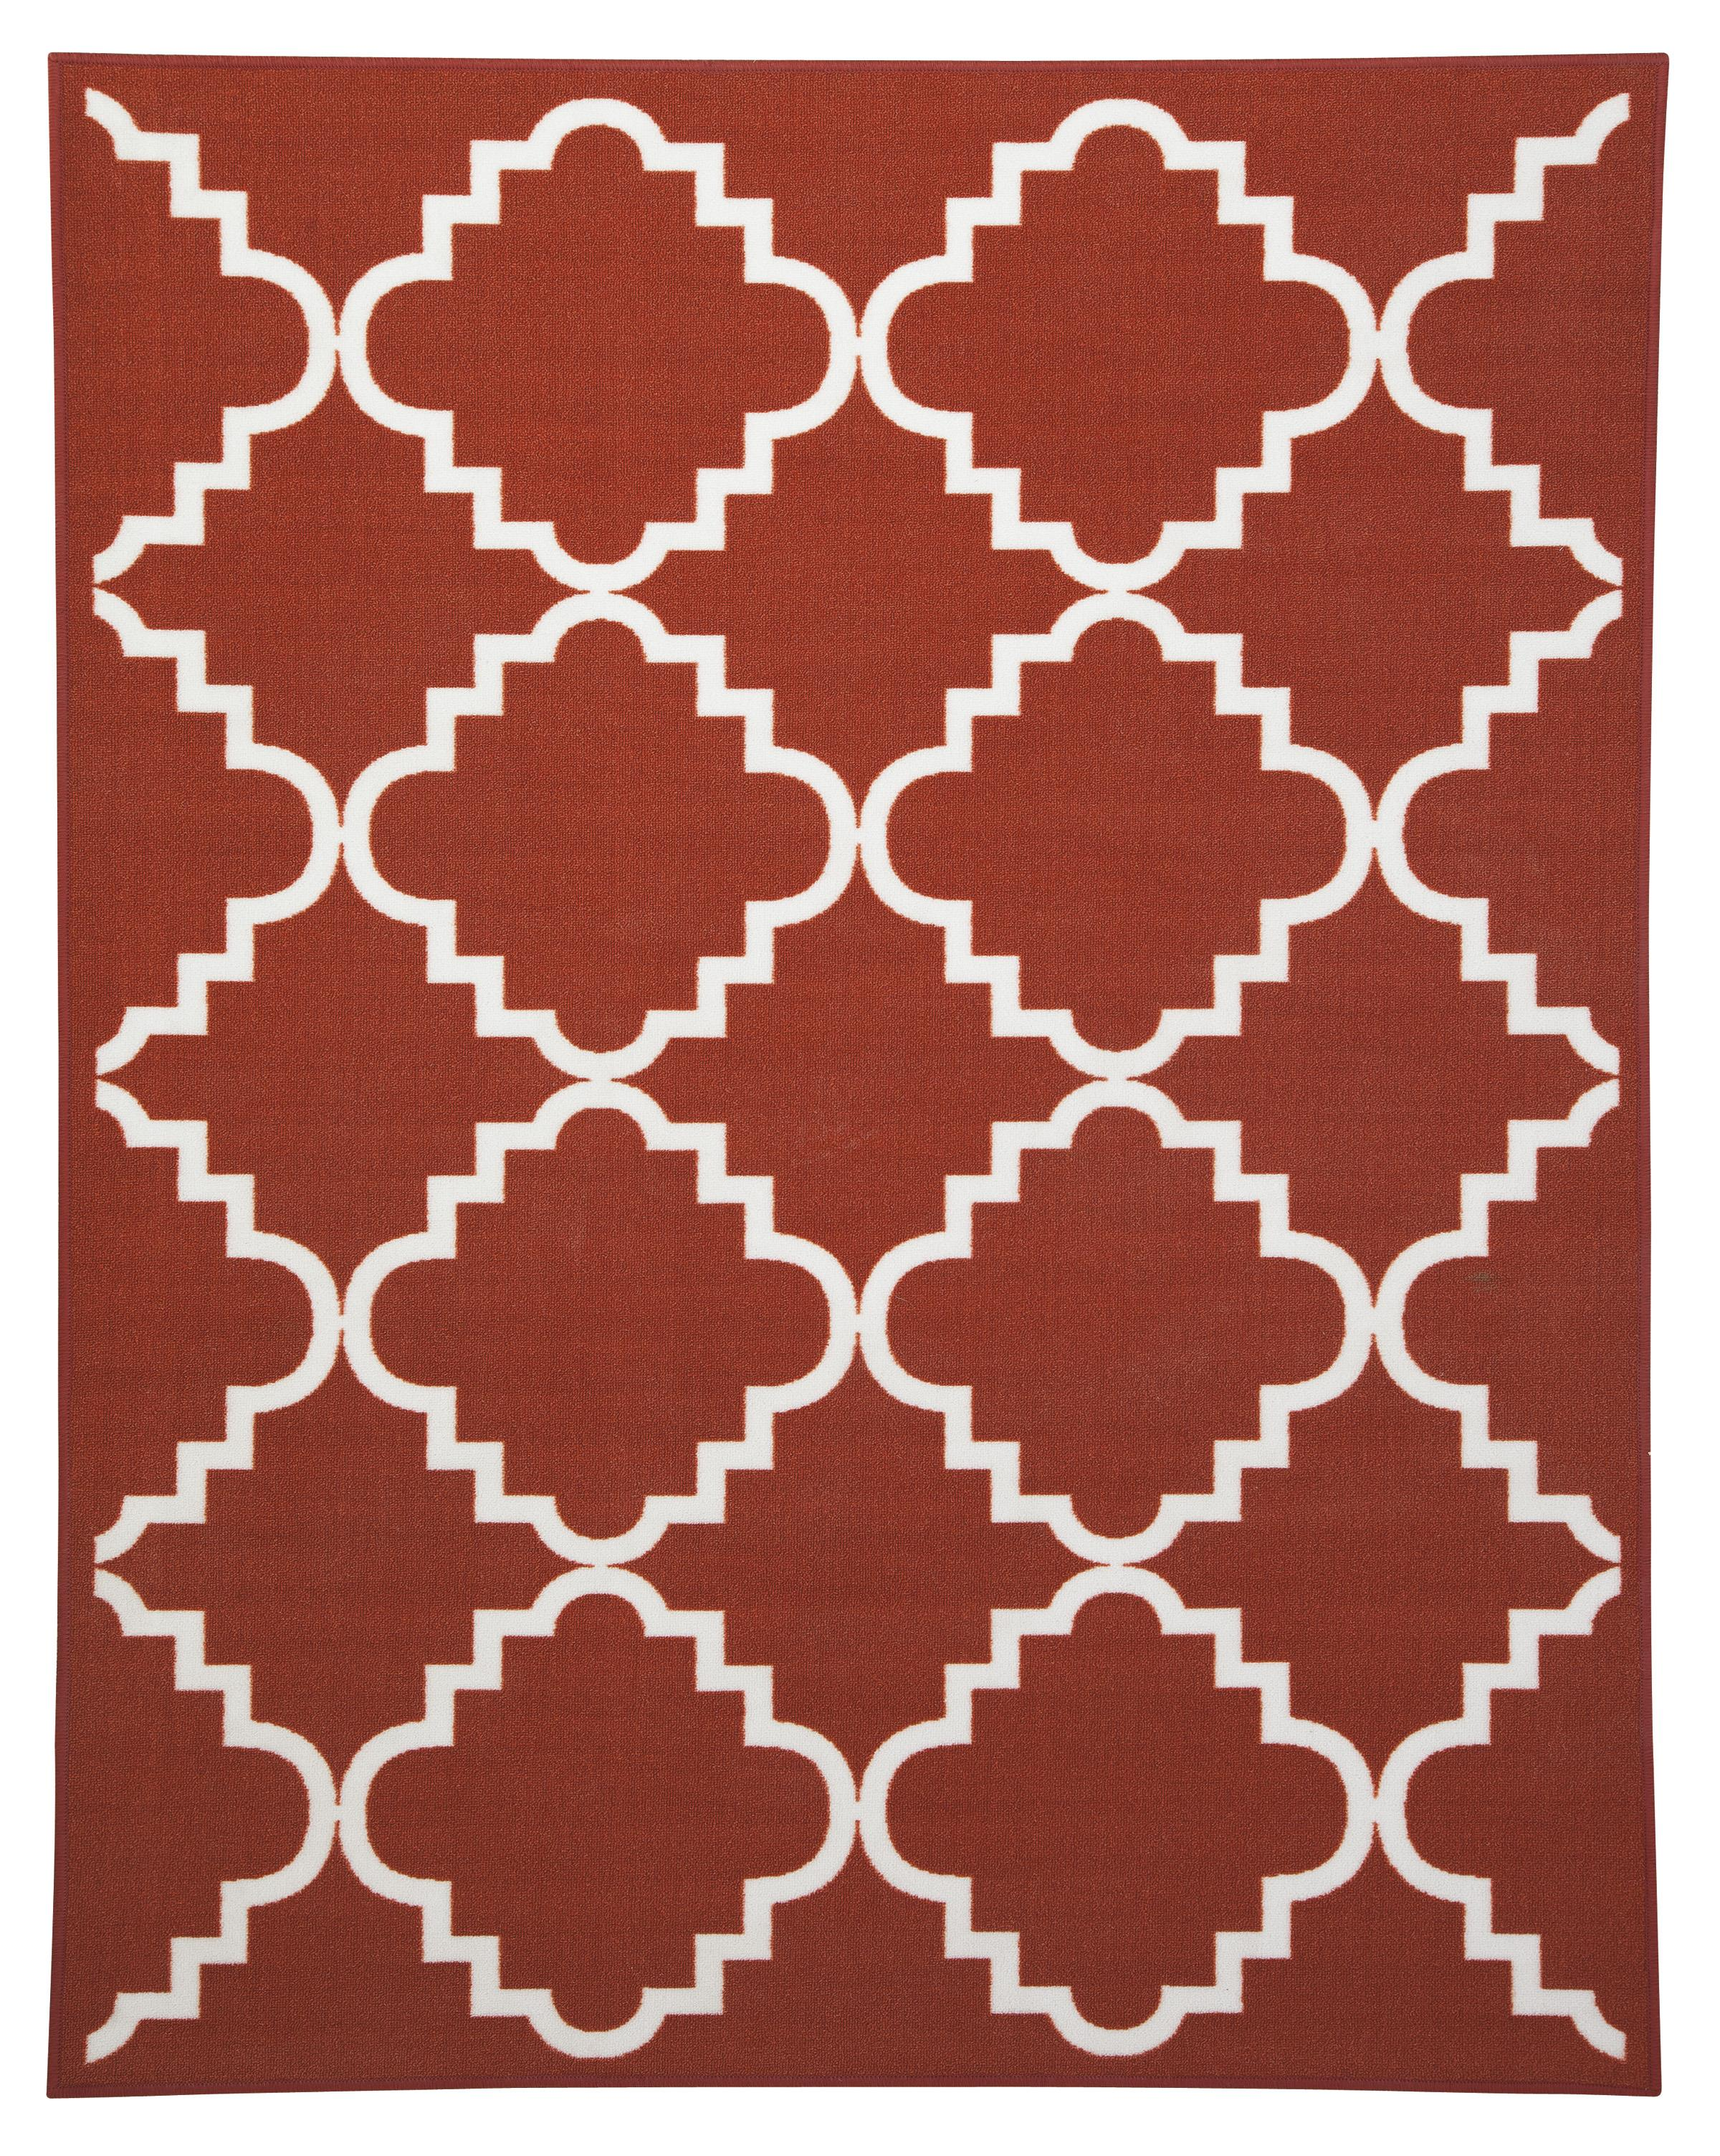 Signature Design by Ashley Transitional Area Rugs Bandele Orange/White Medium Rug - Item Number: R307002